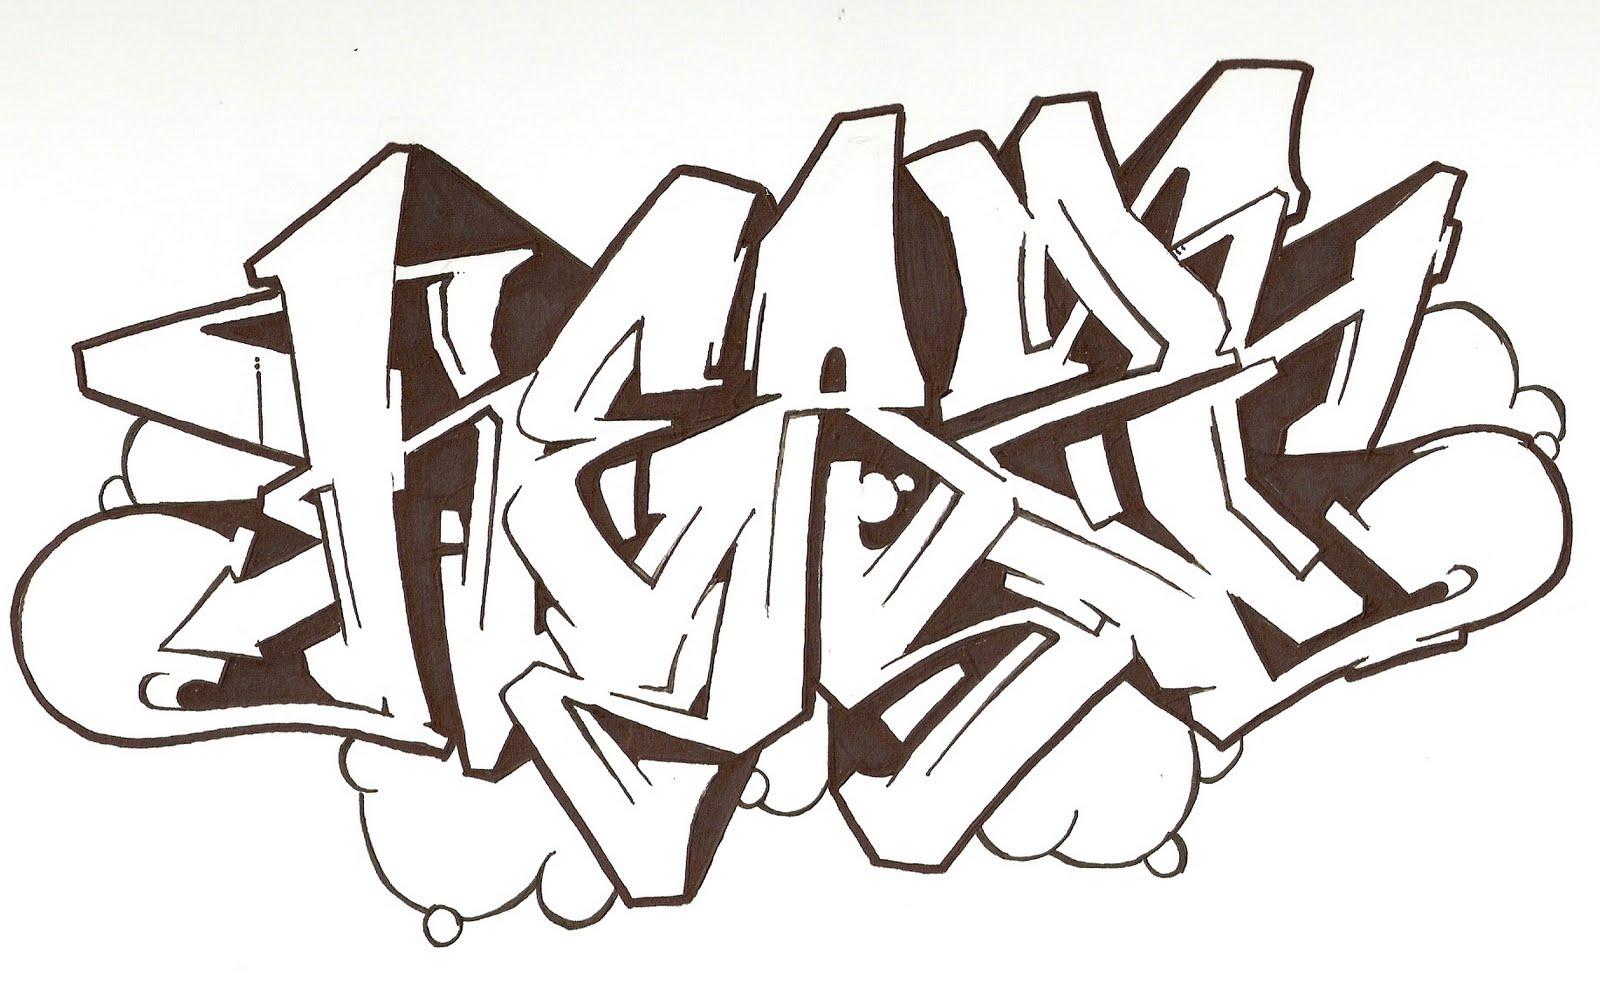 Graffiti_sketch___no_colour___by_Heazy.jpg